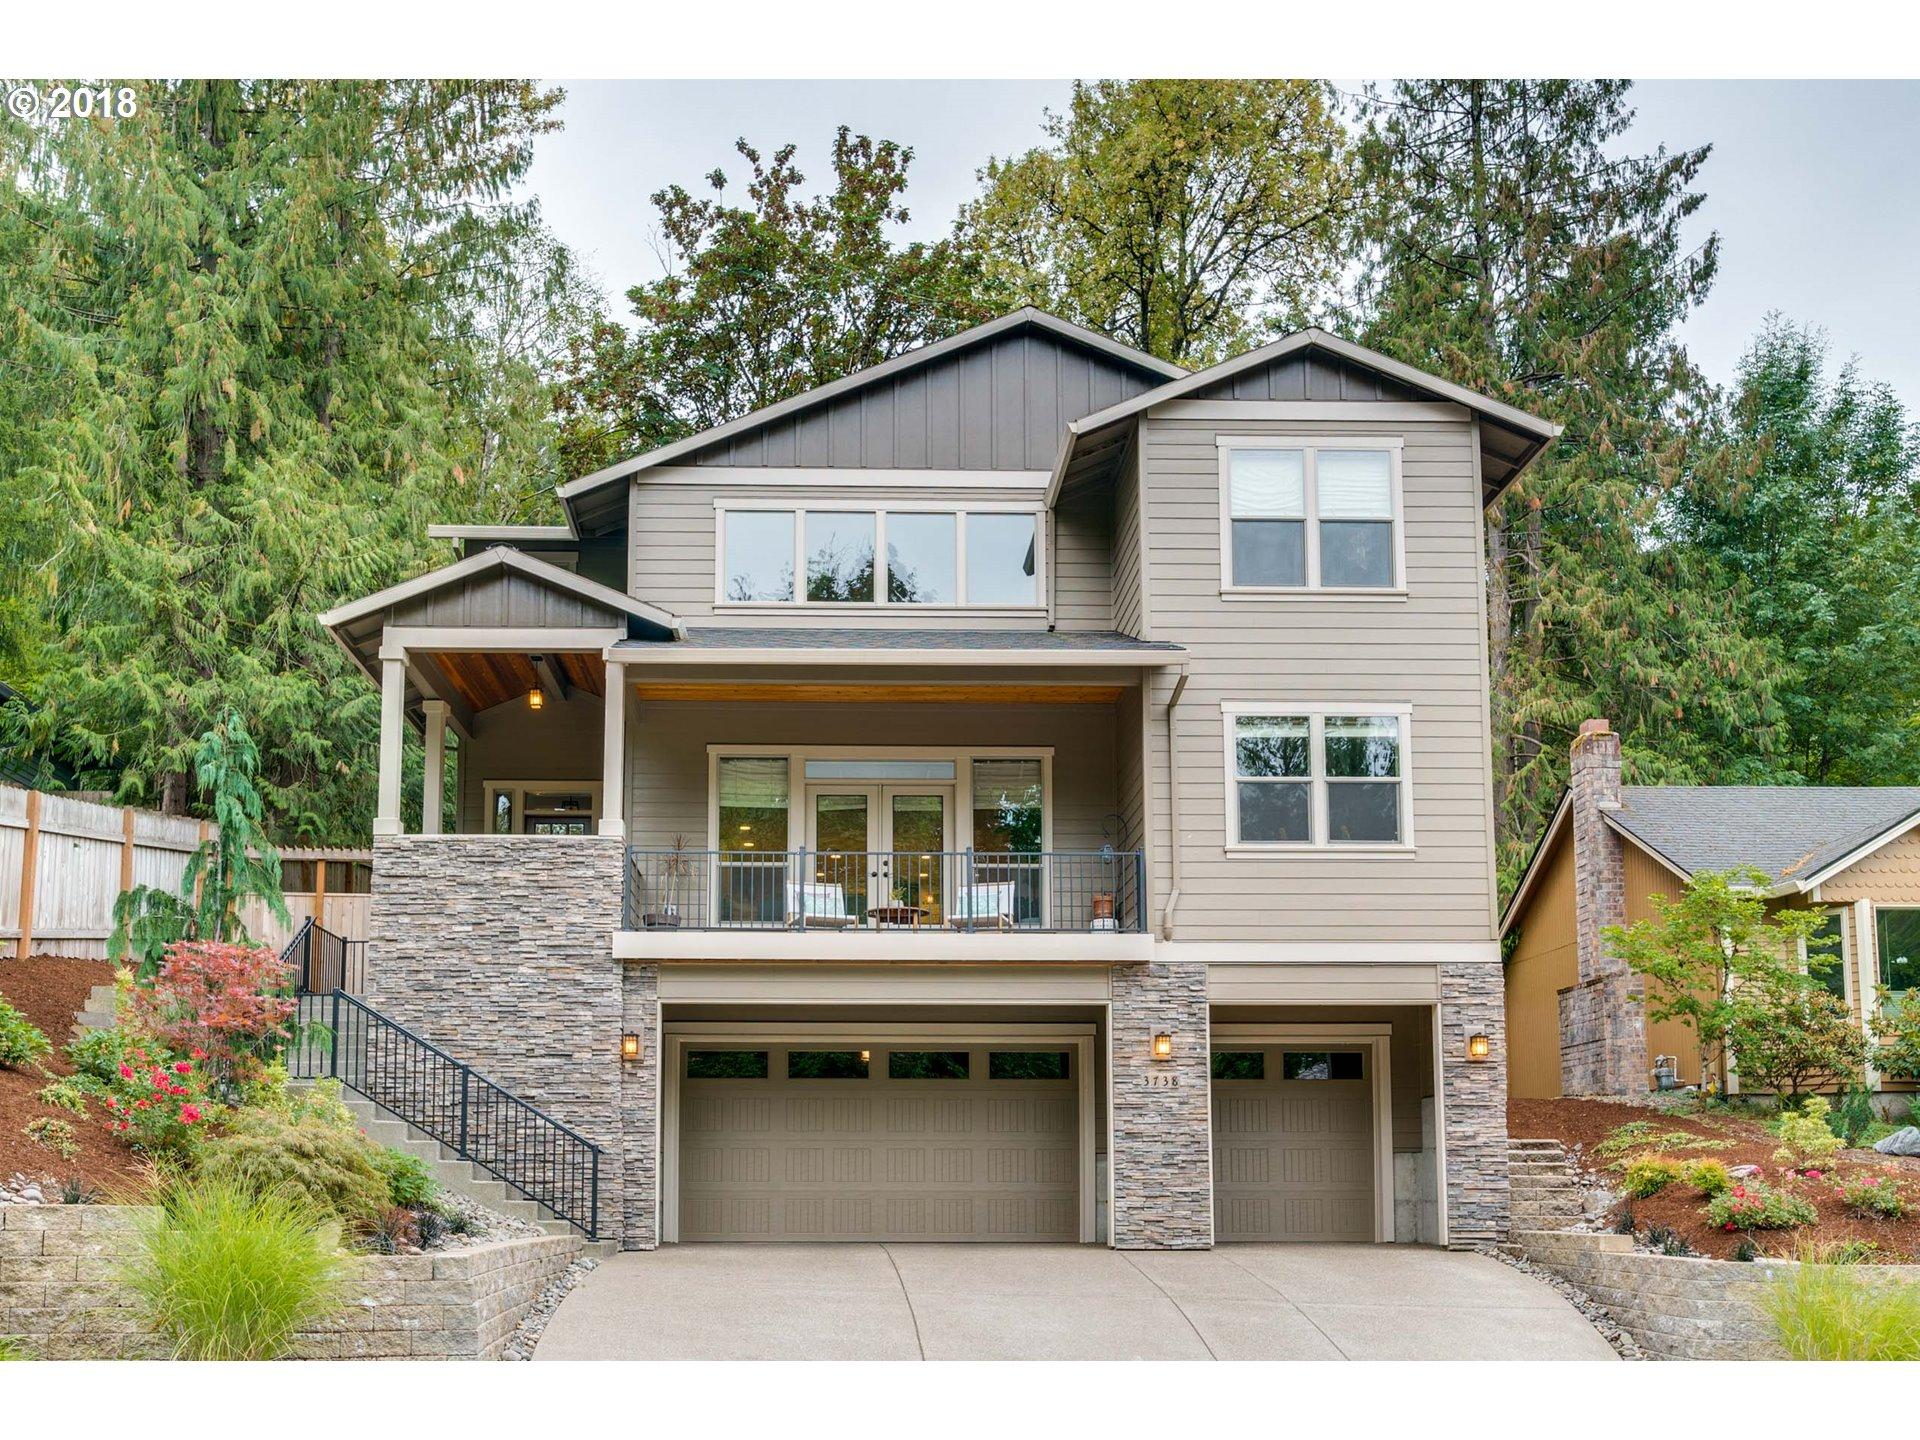 3738 SW CULLEN BLVD, Portland OR 97221